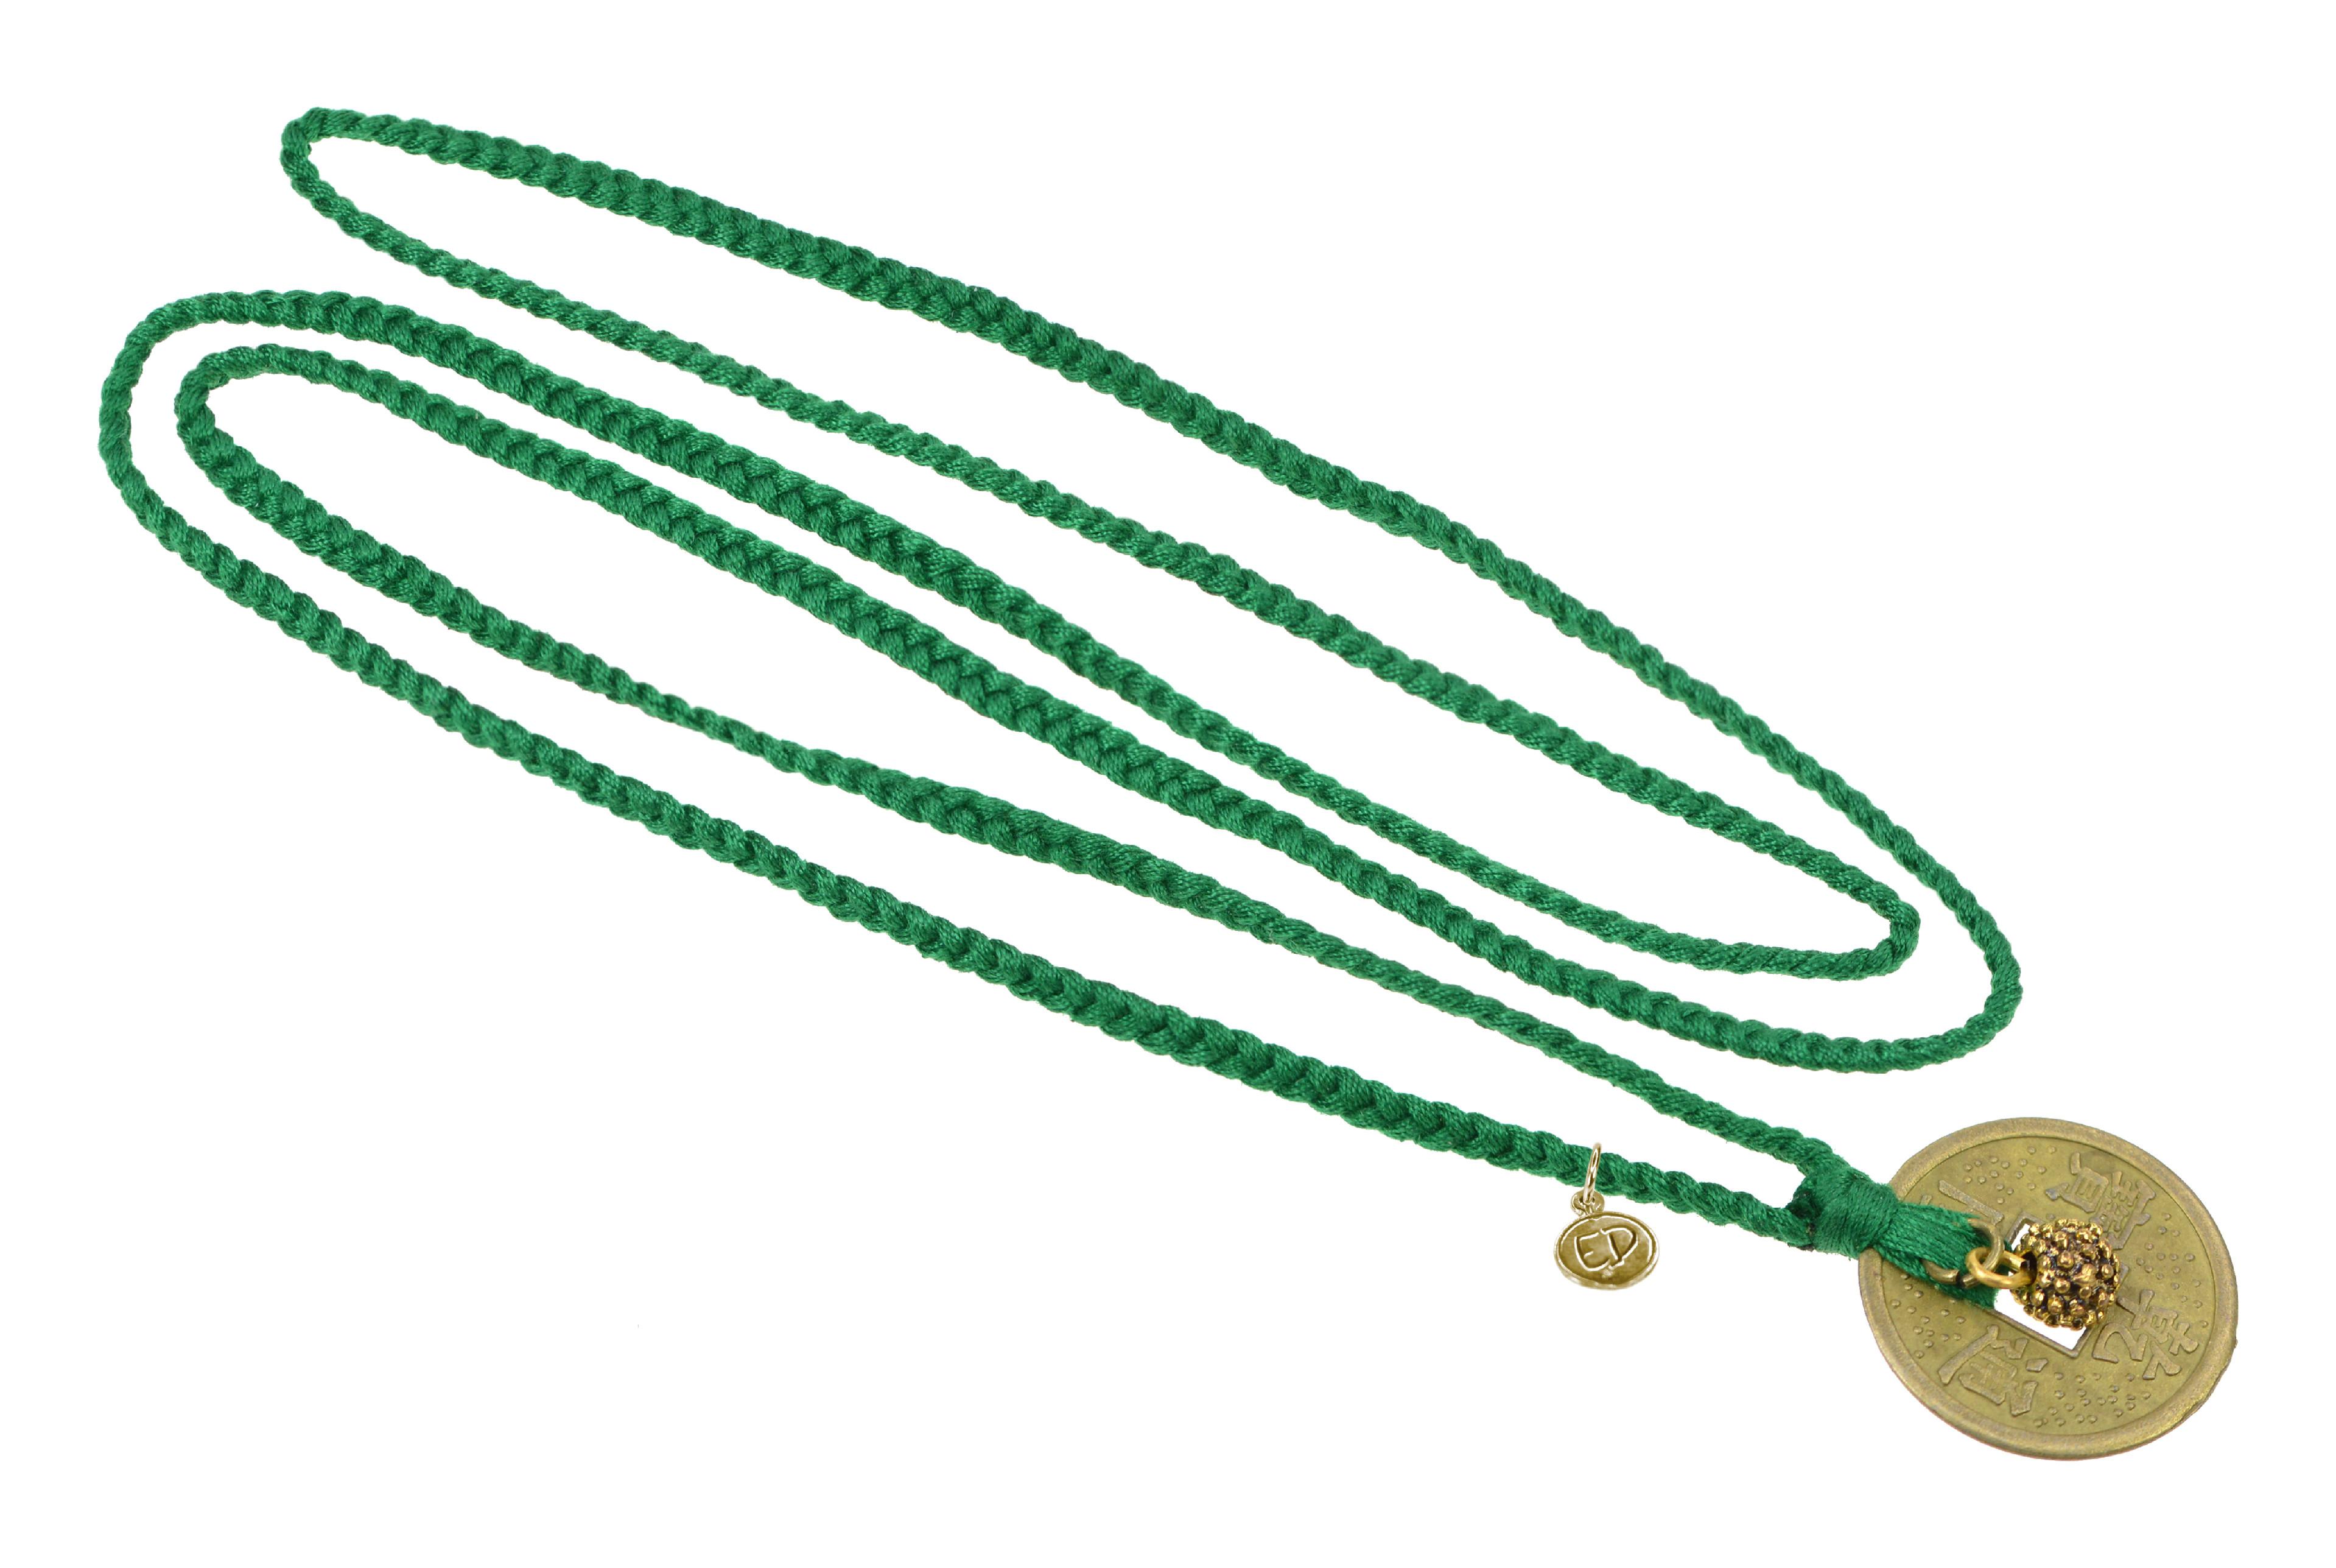 Dámsky prírodný náhrdelník s príveskom minca - zelený